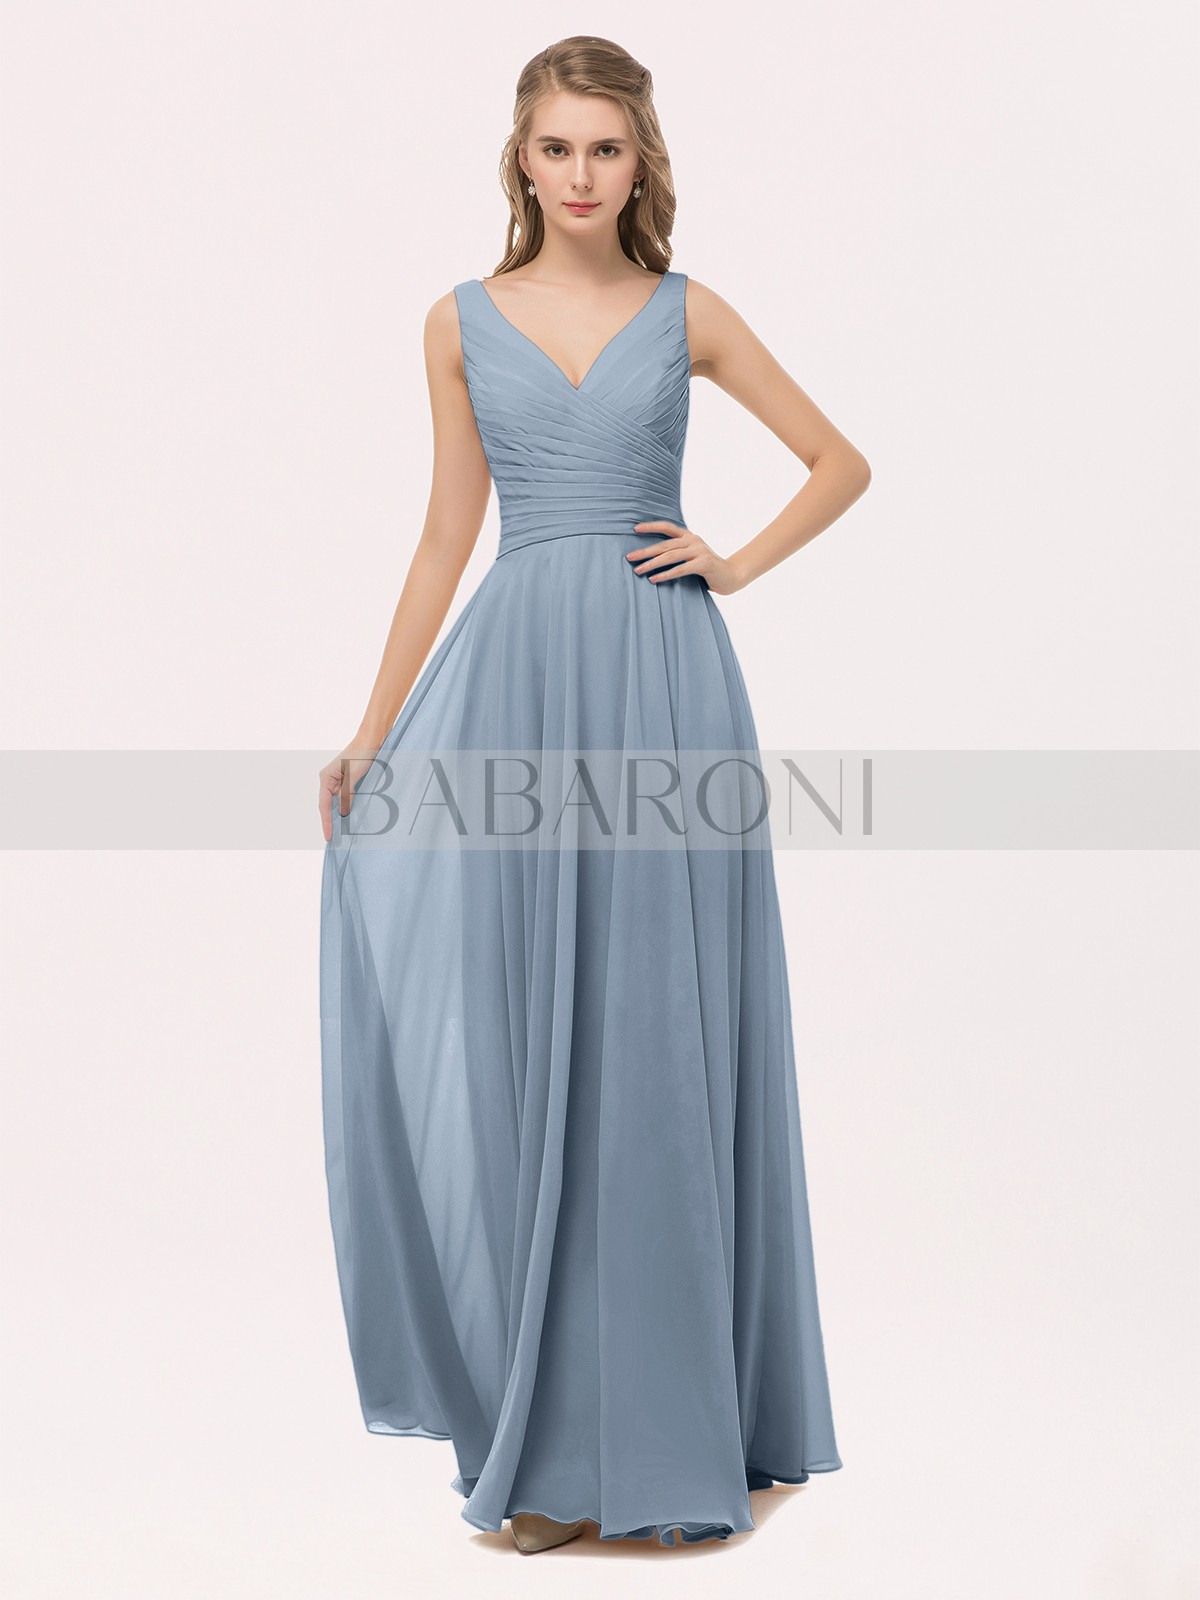 17 Schön Abendkleid 48 Lang Boutique13 Einzigartig Abendkleid 48 Lang Design